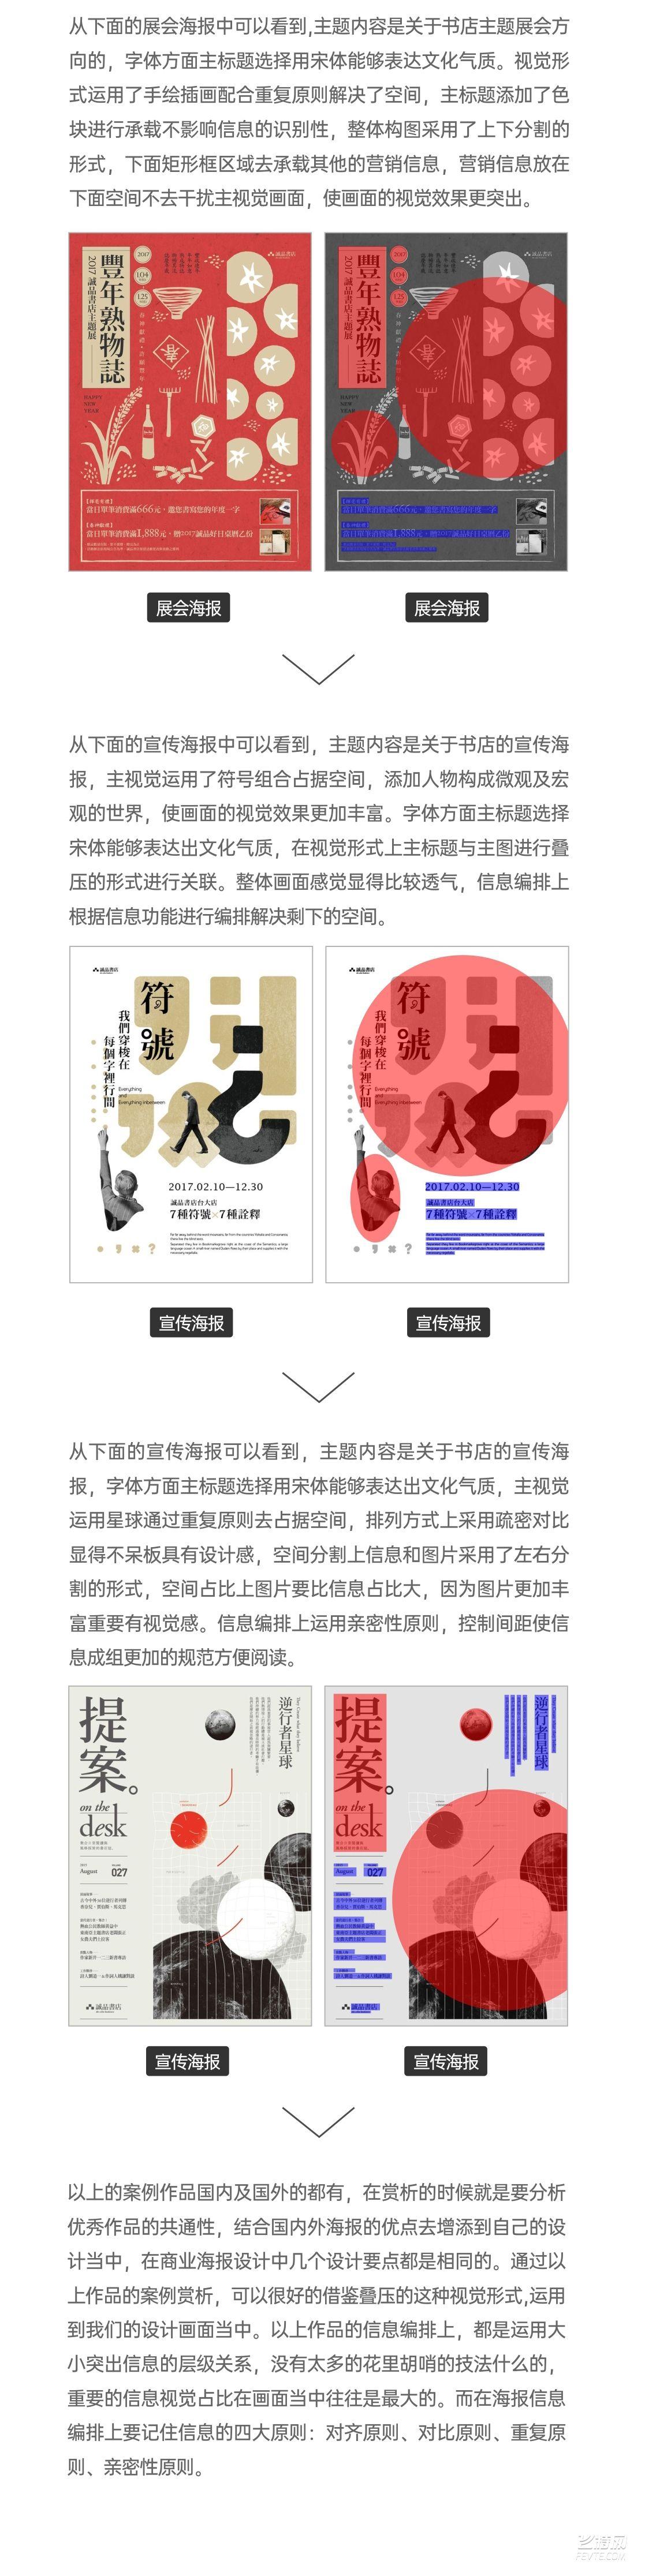 海报设计教程——如何快速学会商业海报设计 飞特网 设计理论